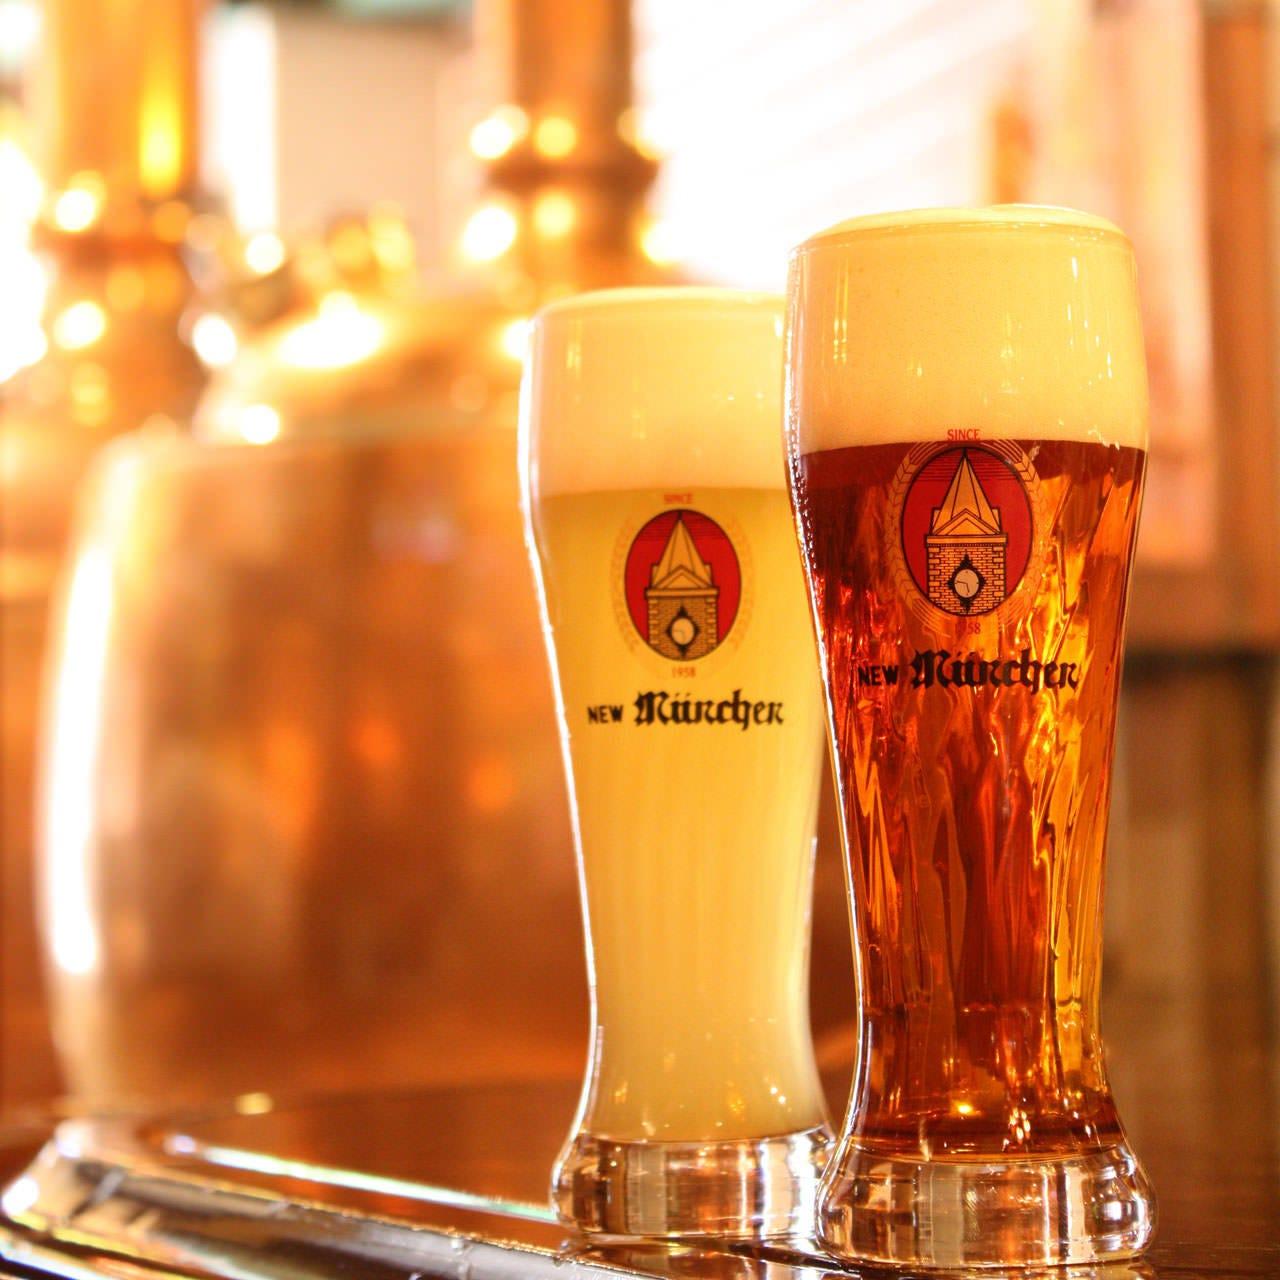 ニューミュンヘンだけの限定ビールも